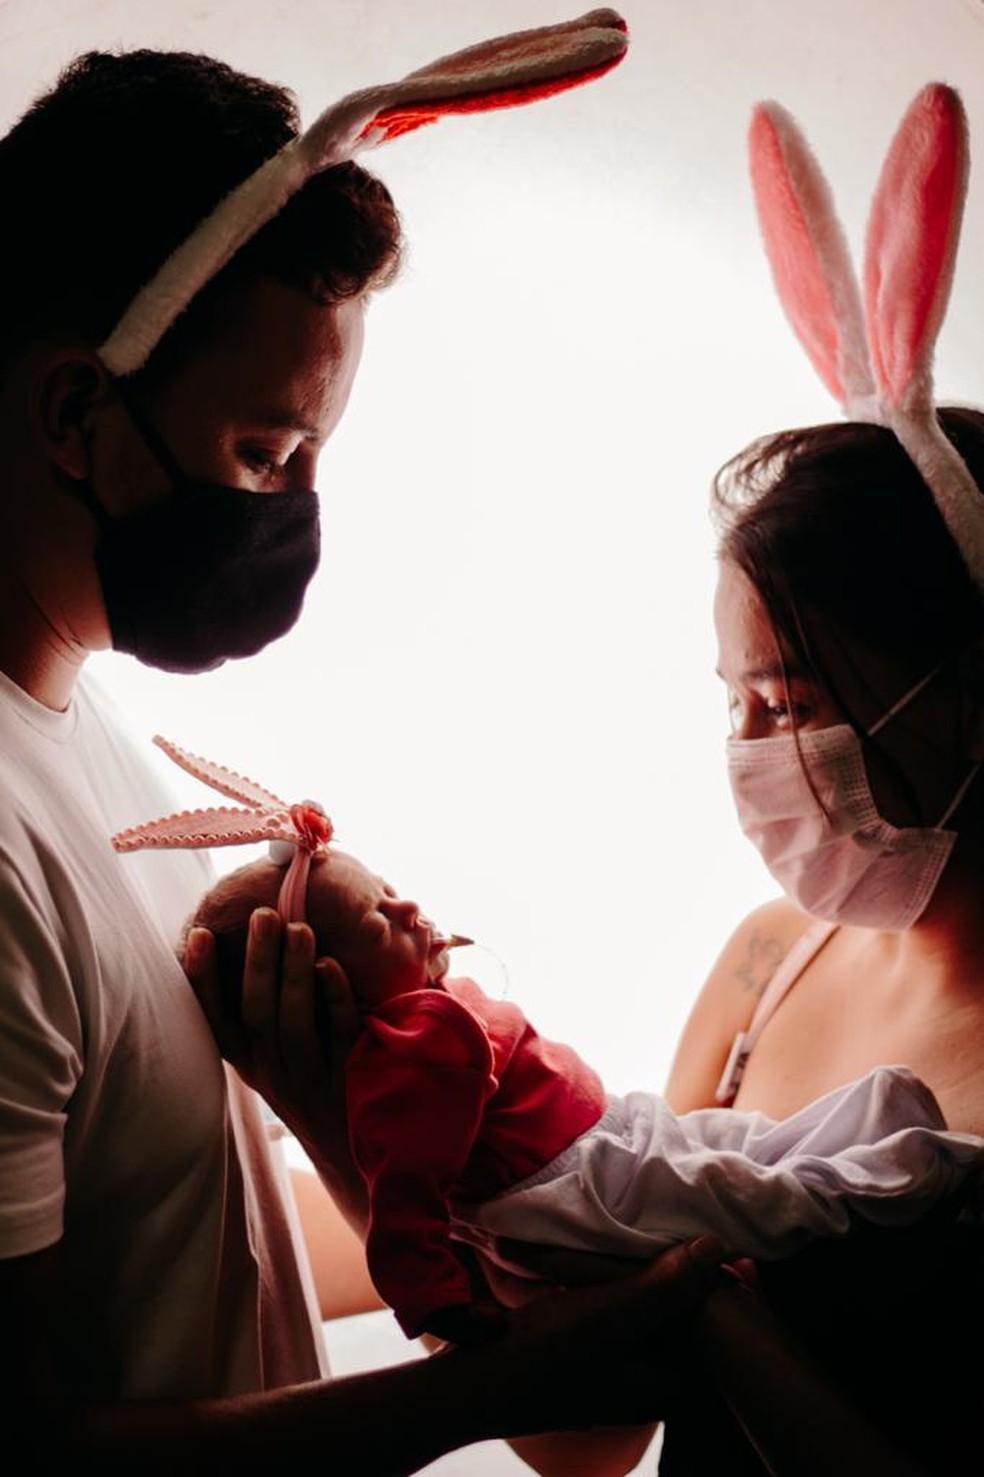 Letícia Soares e Victor Hugo, pais da Maria Alice, participaram do ensaio no Hospital Santa Juliana — Foto: Arquivo/Hospital Santa Juliana